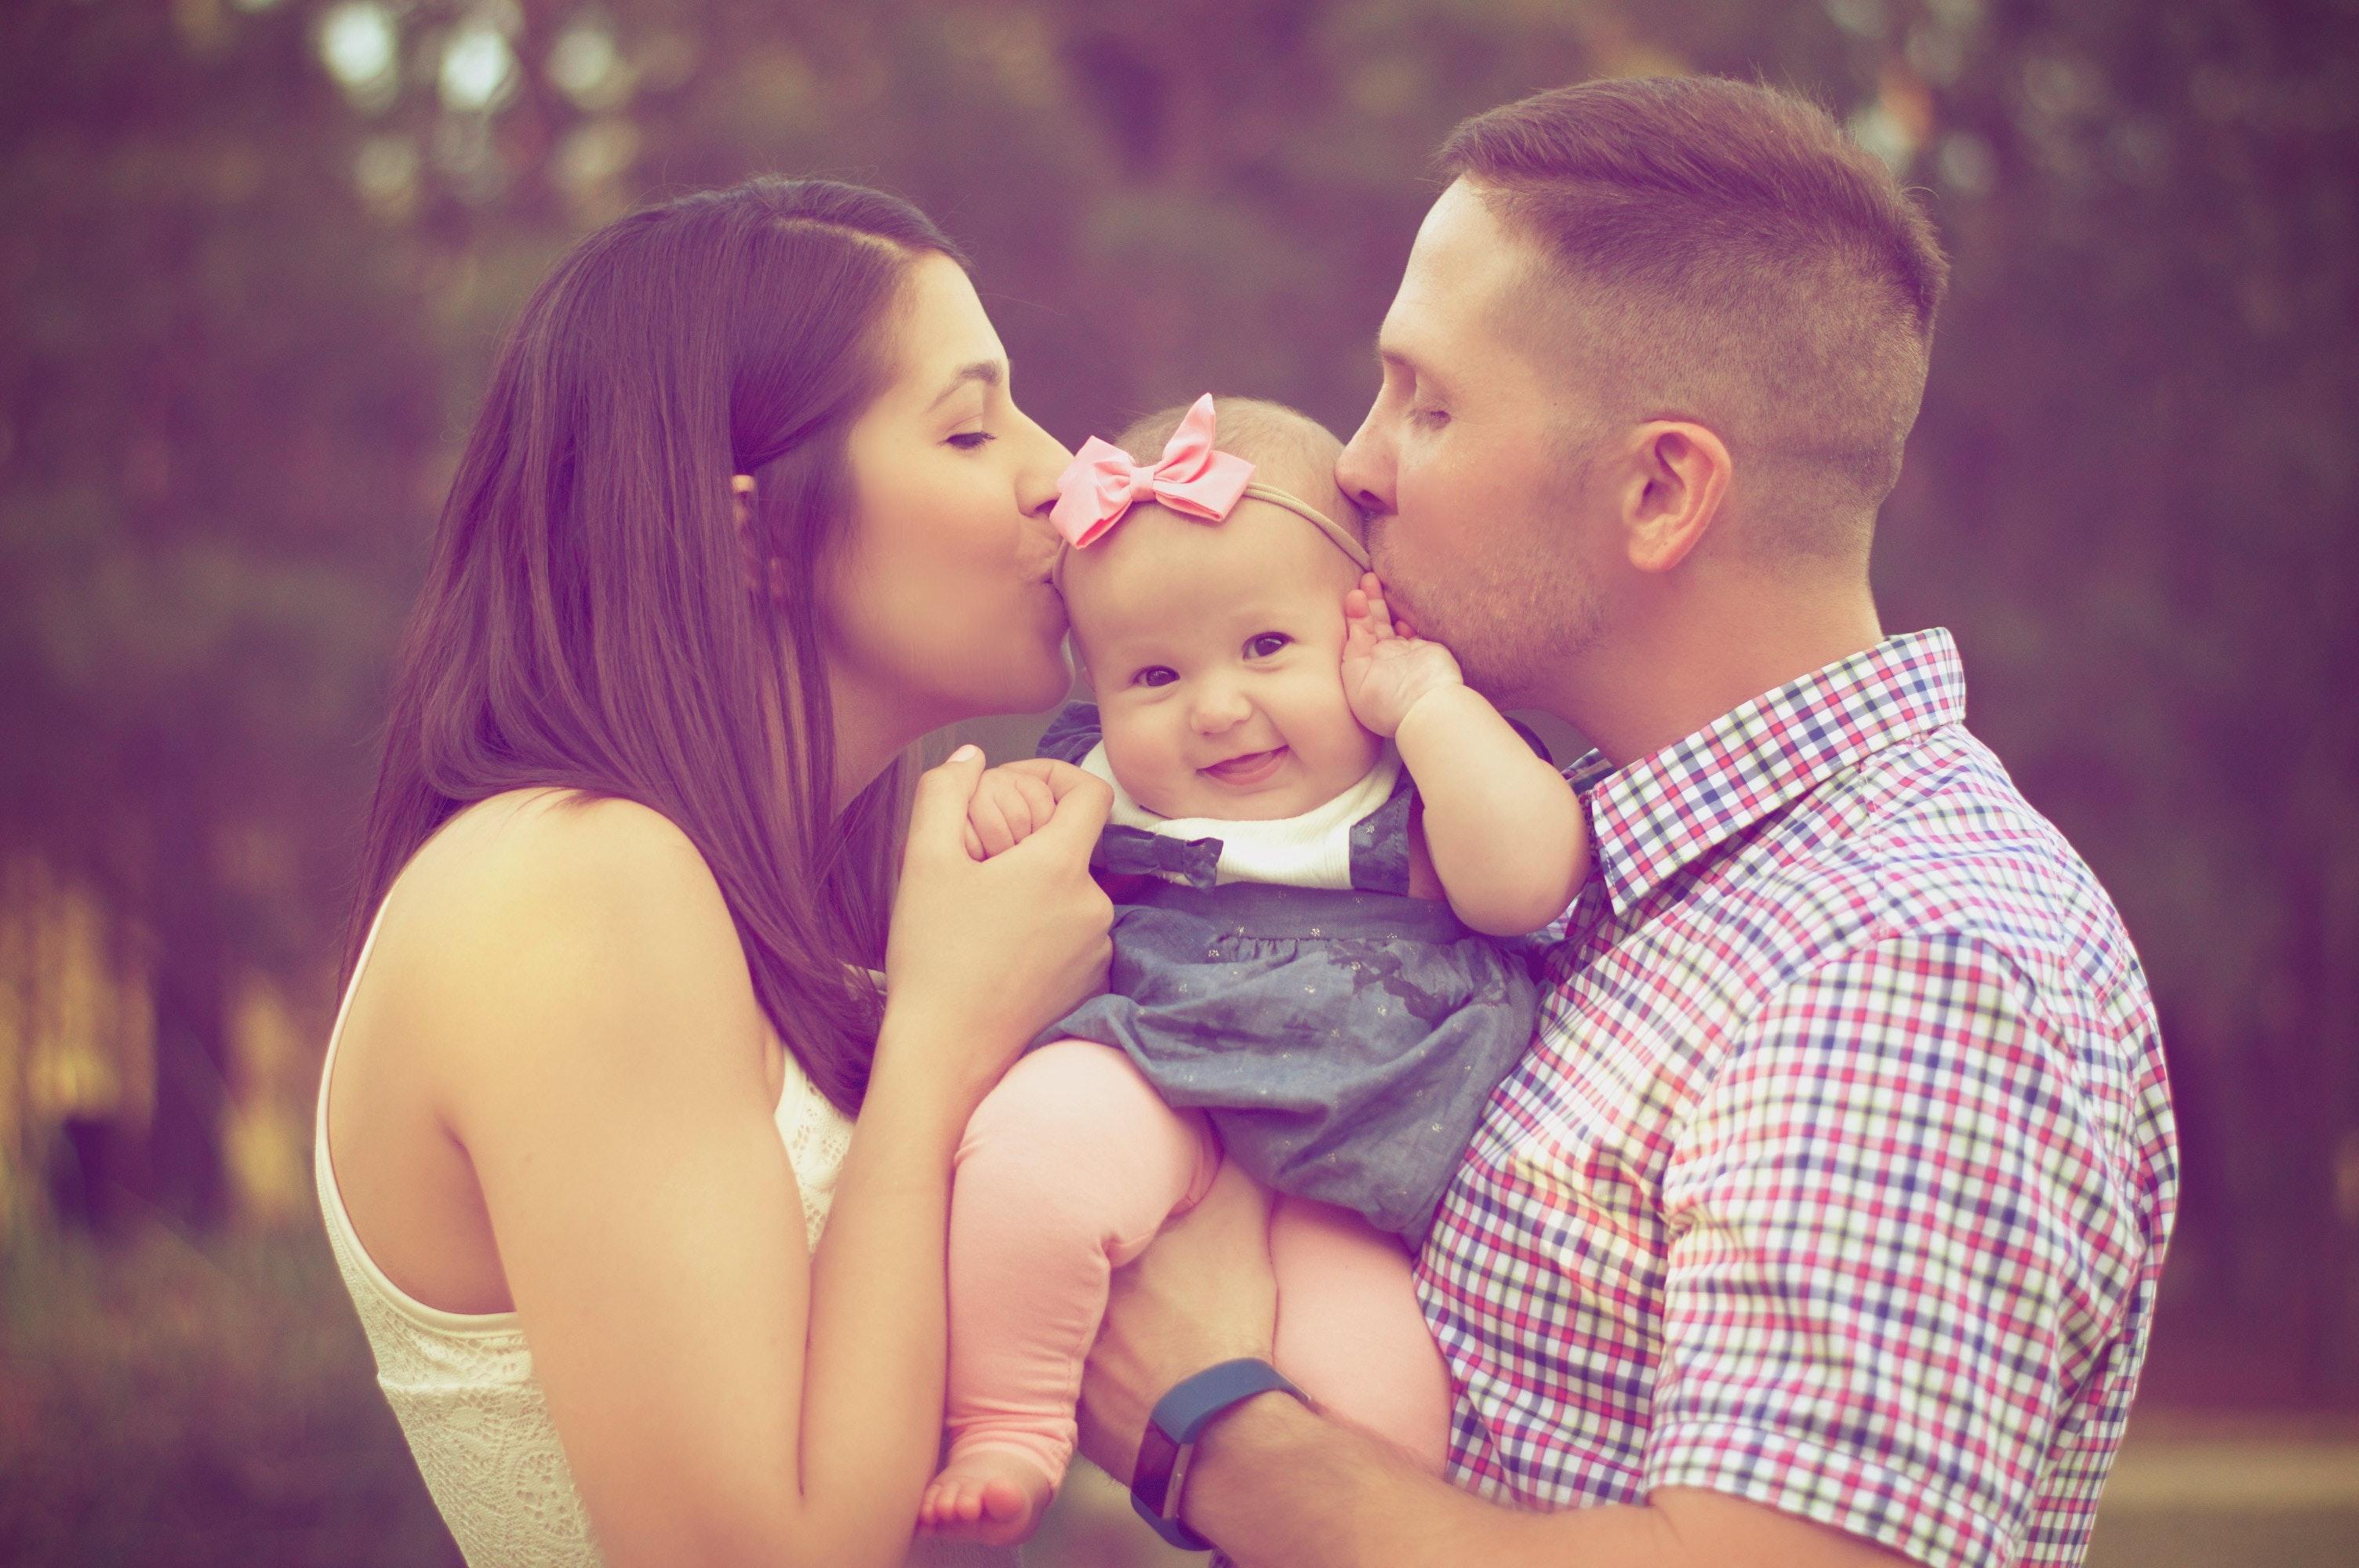 Familie, Beziehung, Gefühle, Lebensbereiche, Erfolg, Glück, Freude, Schutz